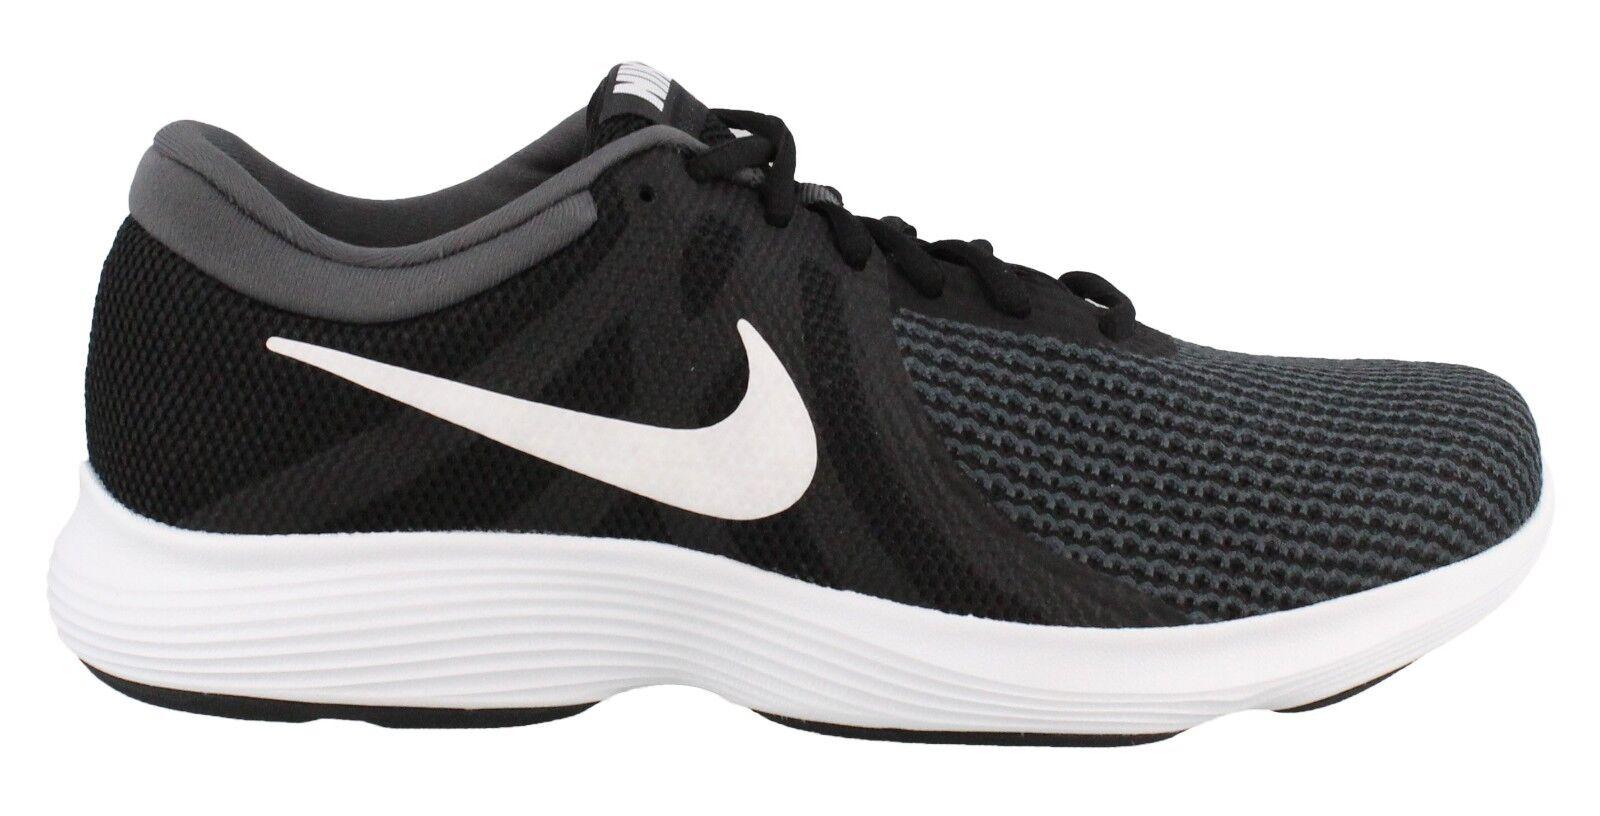 Nike uomini 'rivoluzione 4 scarpe da corsa extra larghi 4e (aa7402 001) nero / bianco